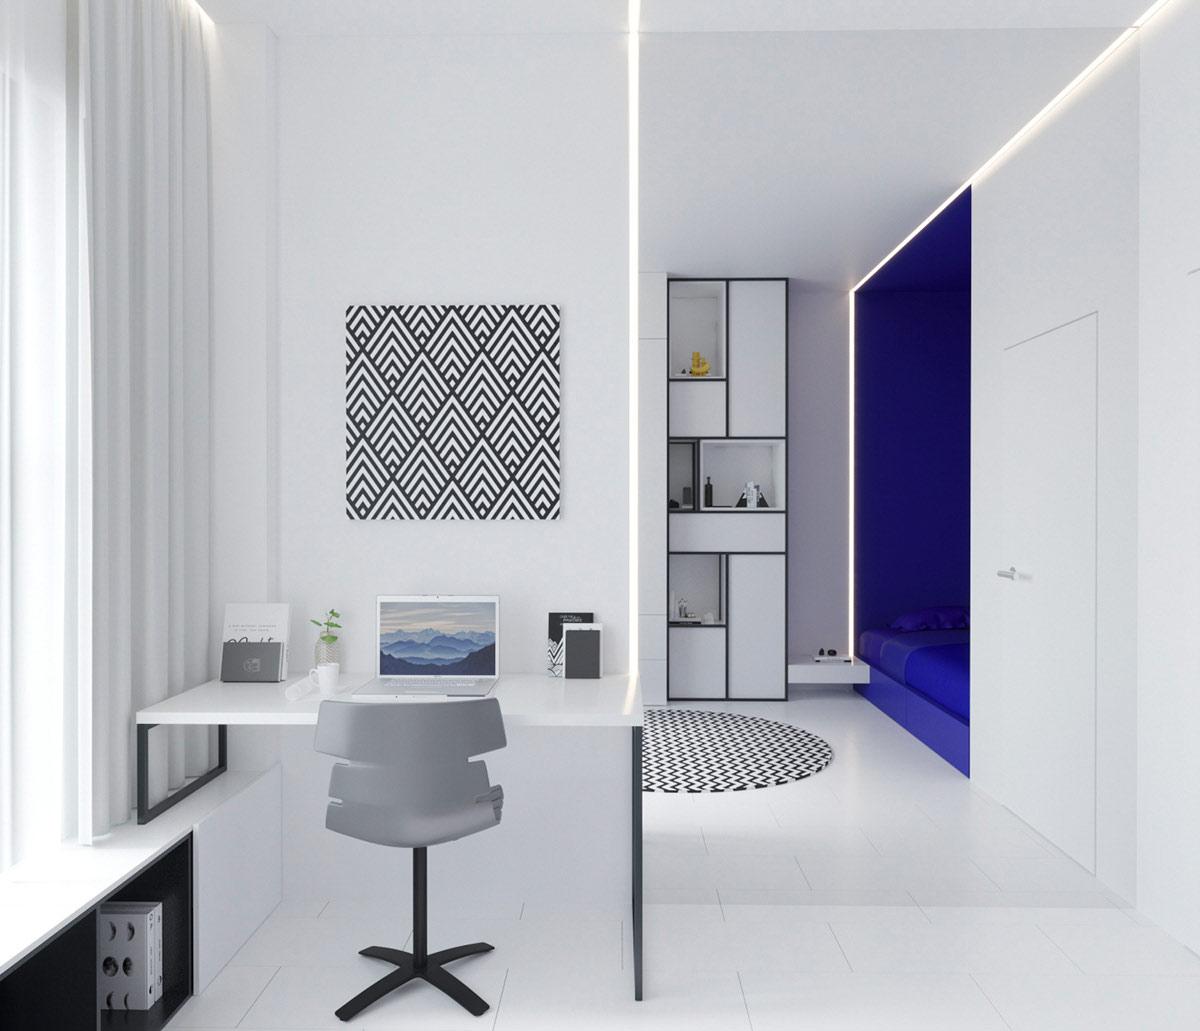 欧美风格_纯色和几何形状:荷兰风格派(De Stijl)家居装修艺术 - 设计之家